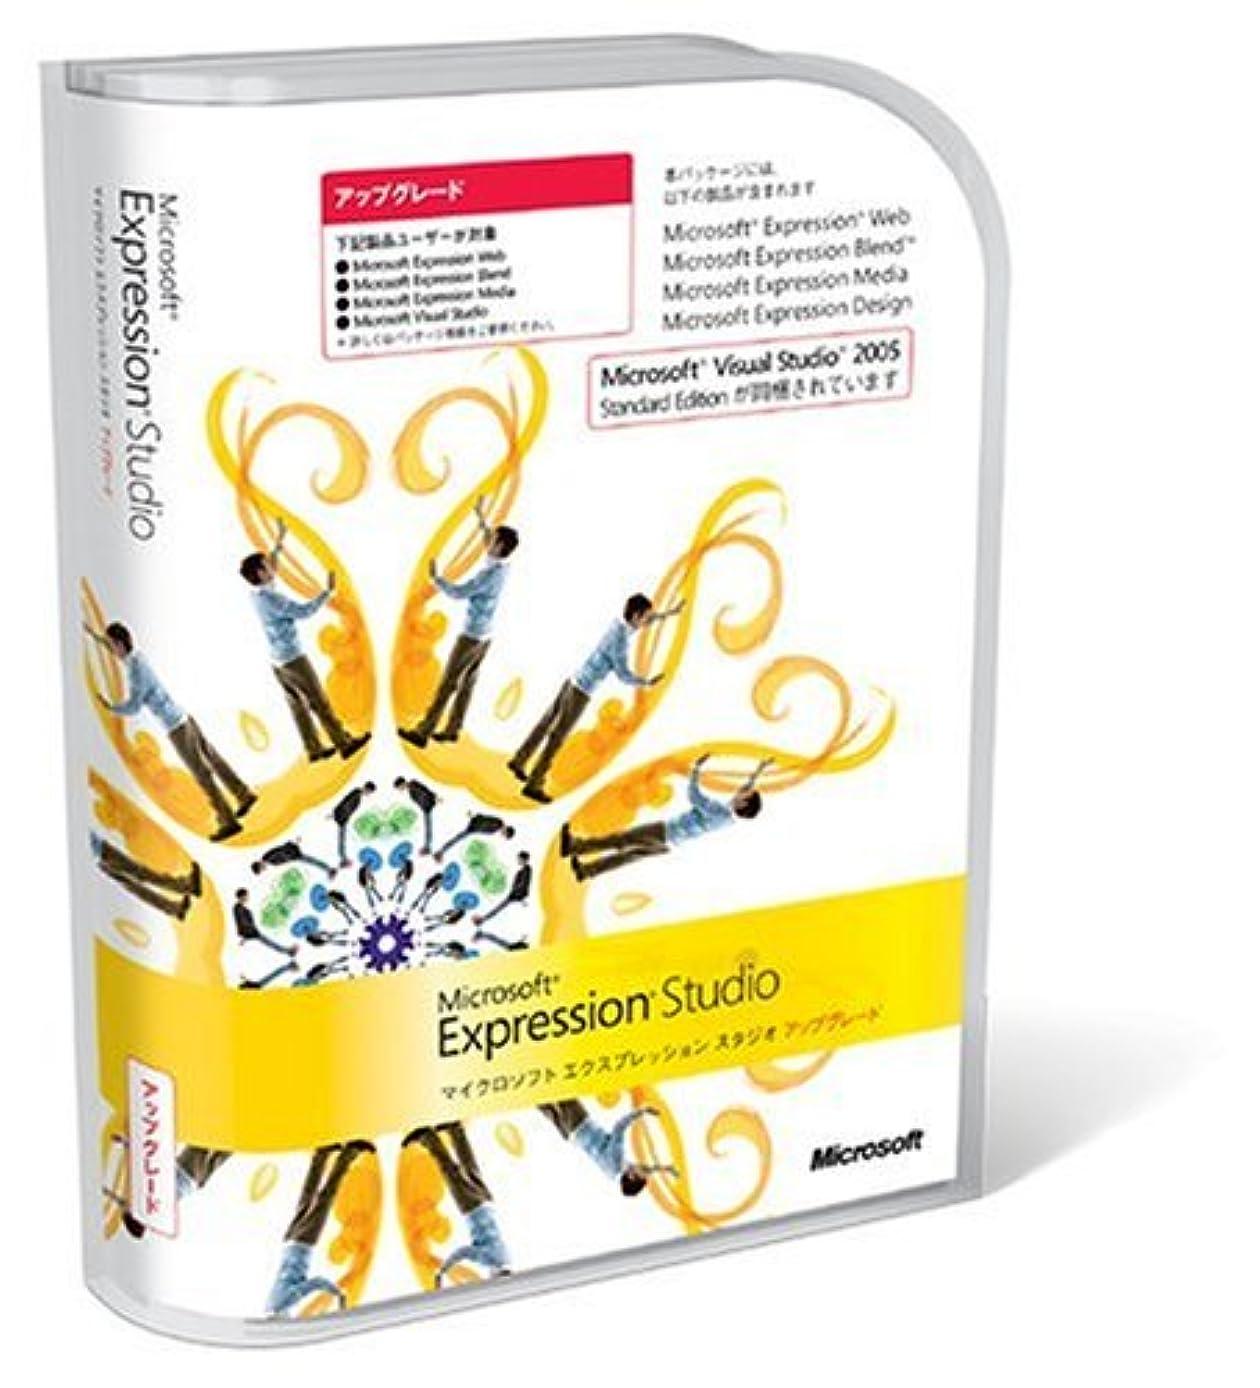 無許可ウェーハカップルExpression Studio アップグレード